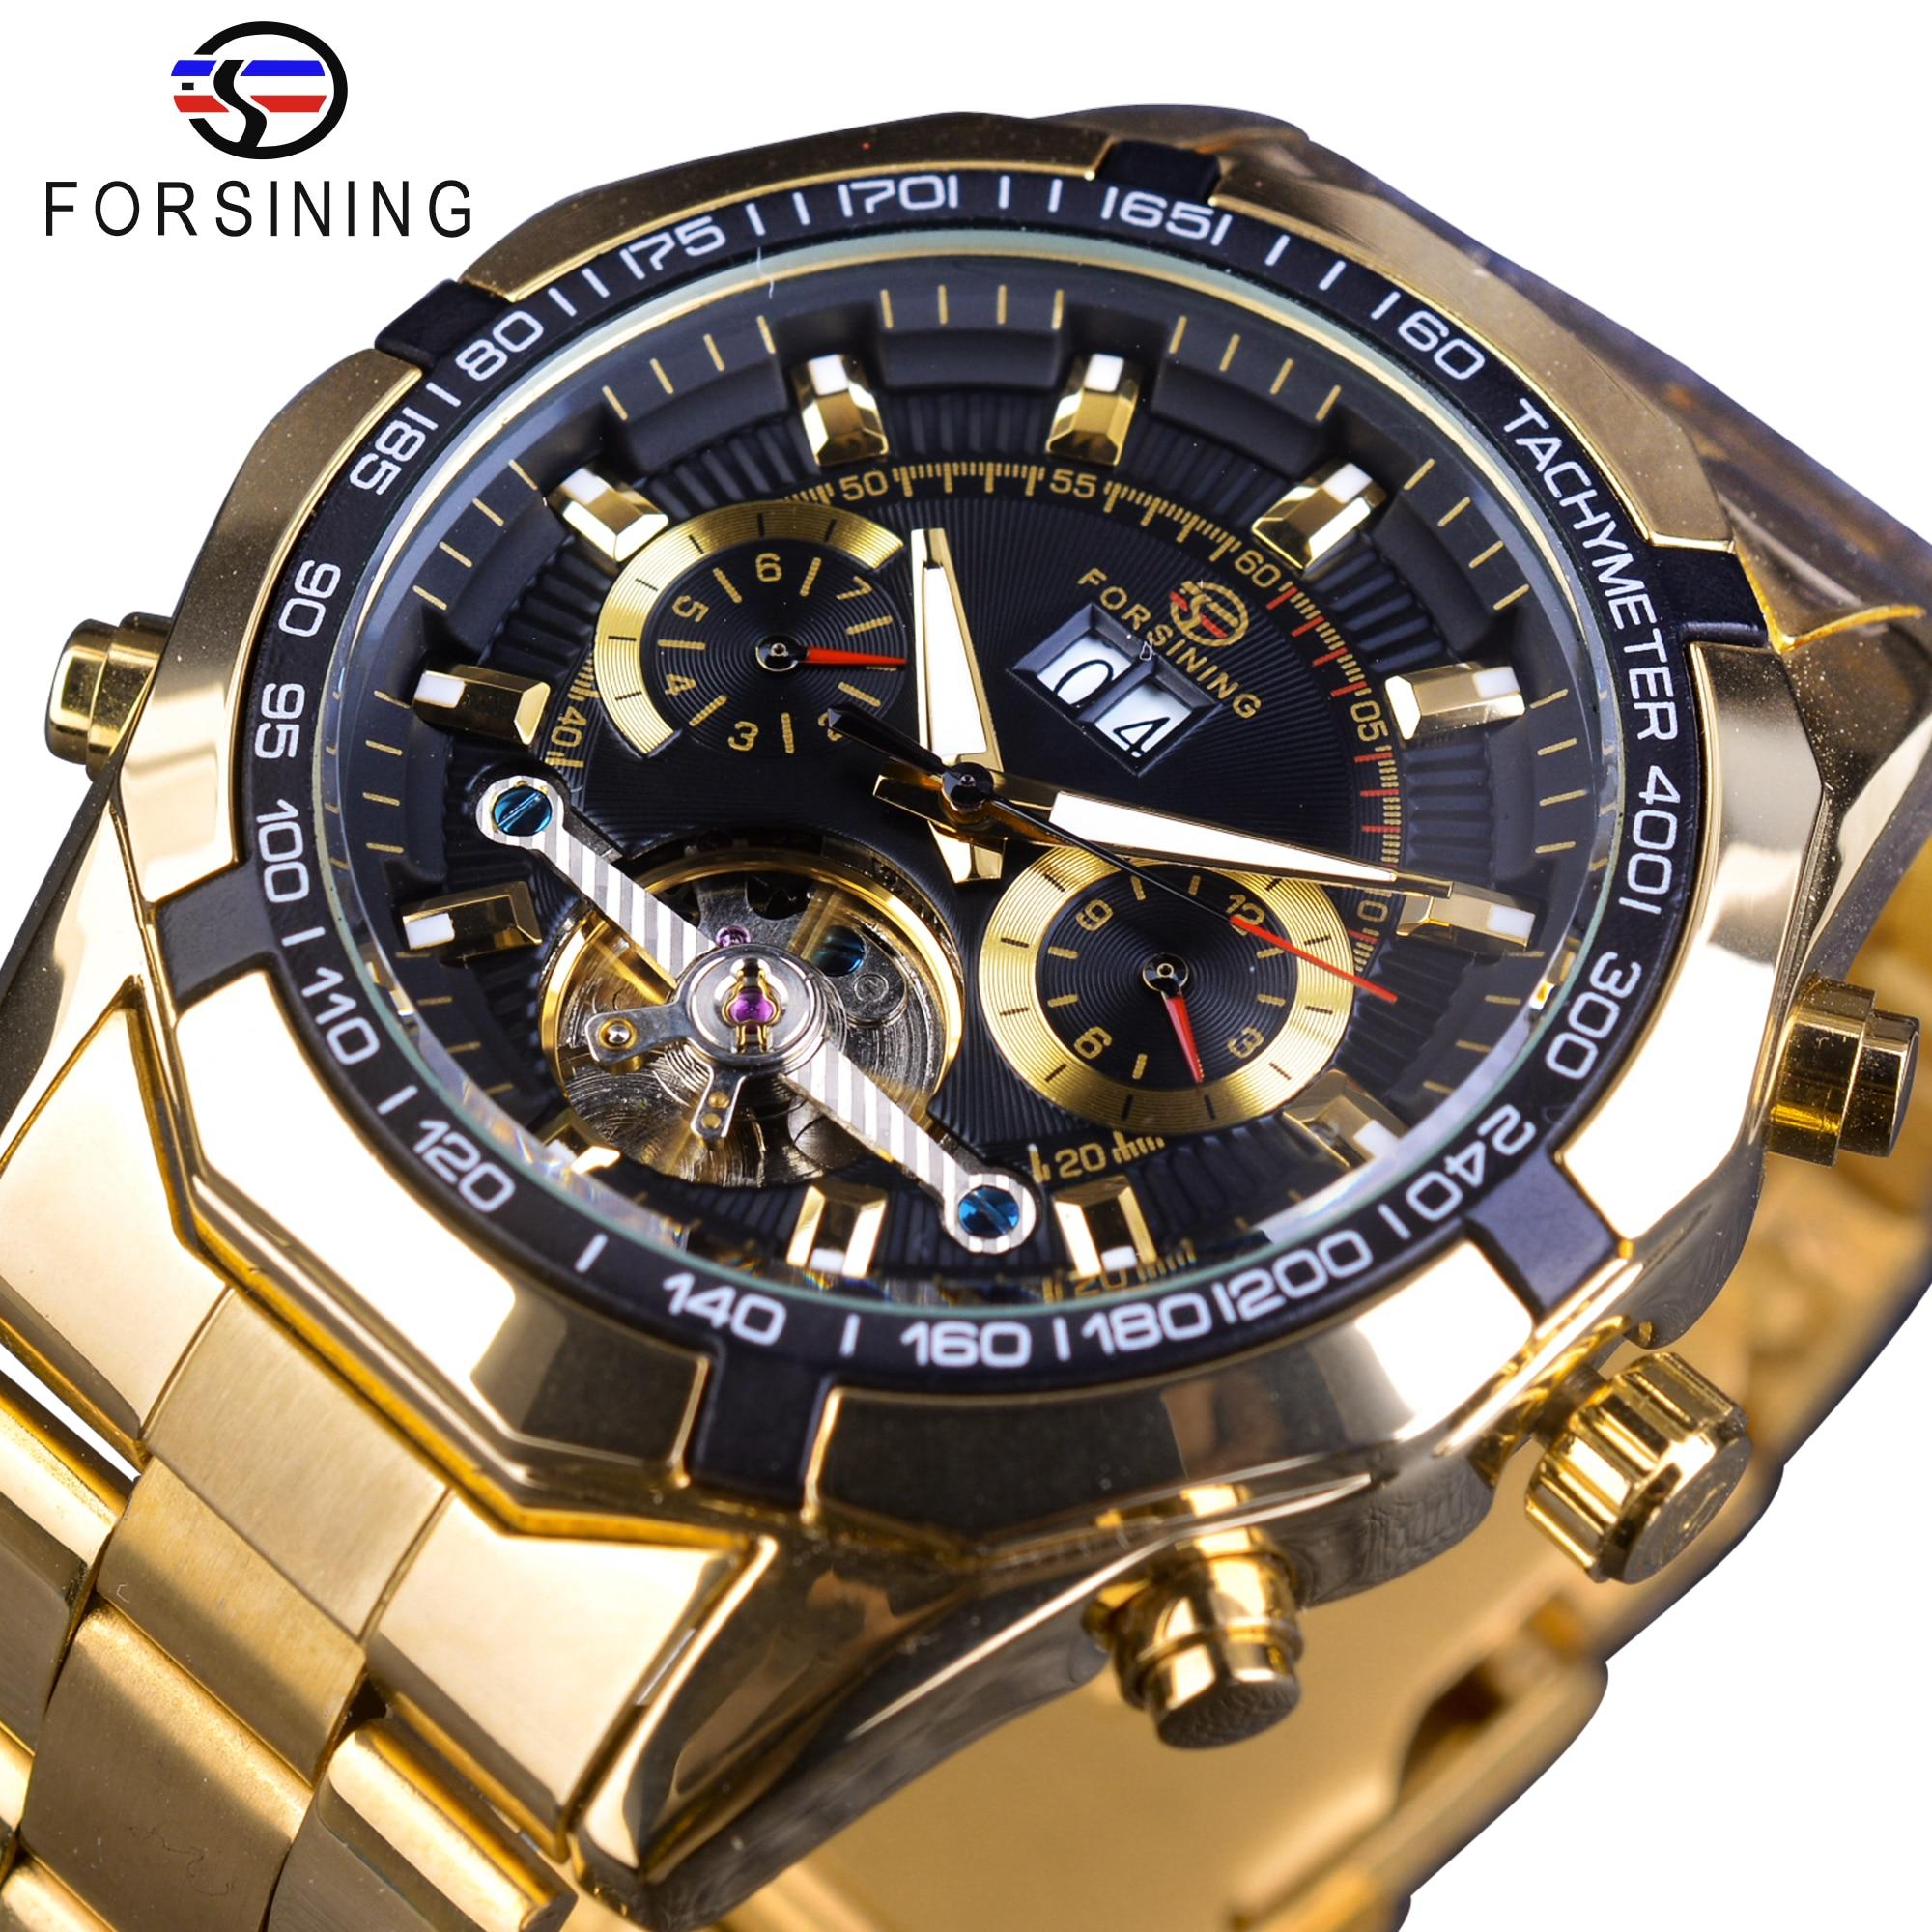 Forsining Mens Mechanical Watch Top Brand Luxury Golden Bracelet Business Watch Calendar Display Black Dial Tourbillion Design<br>